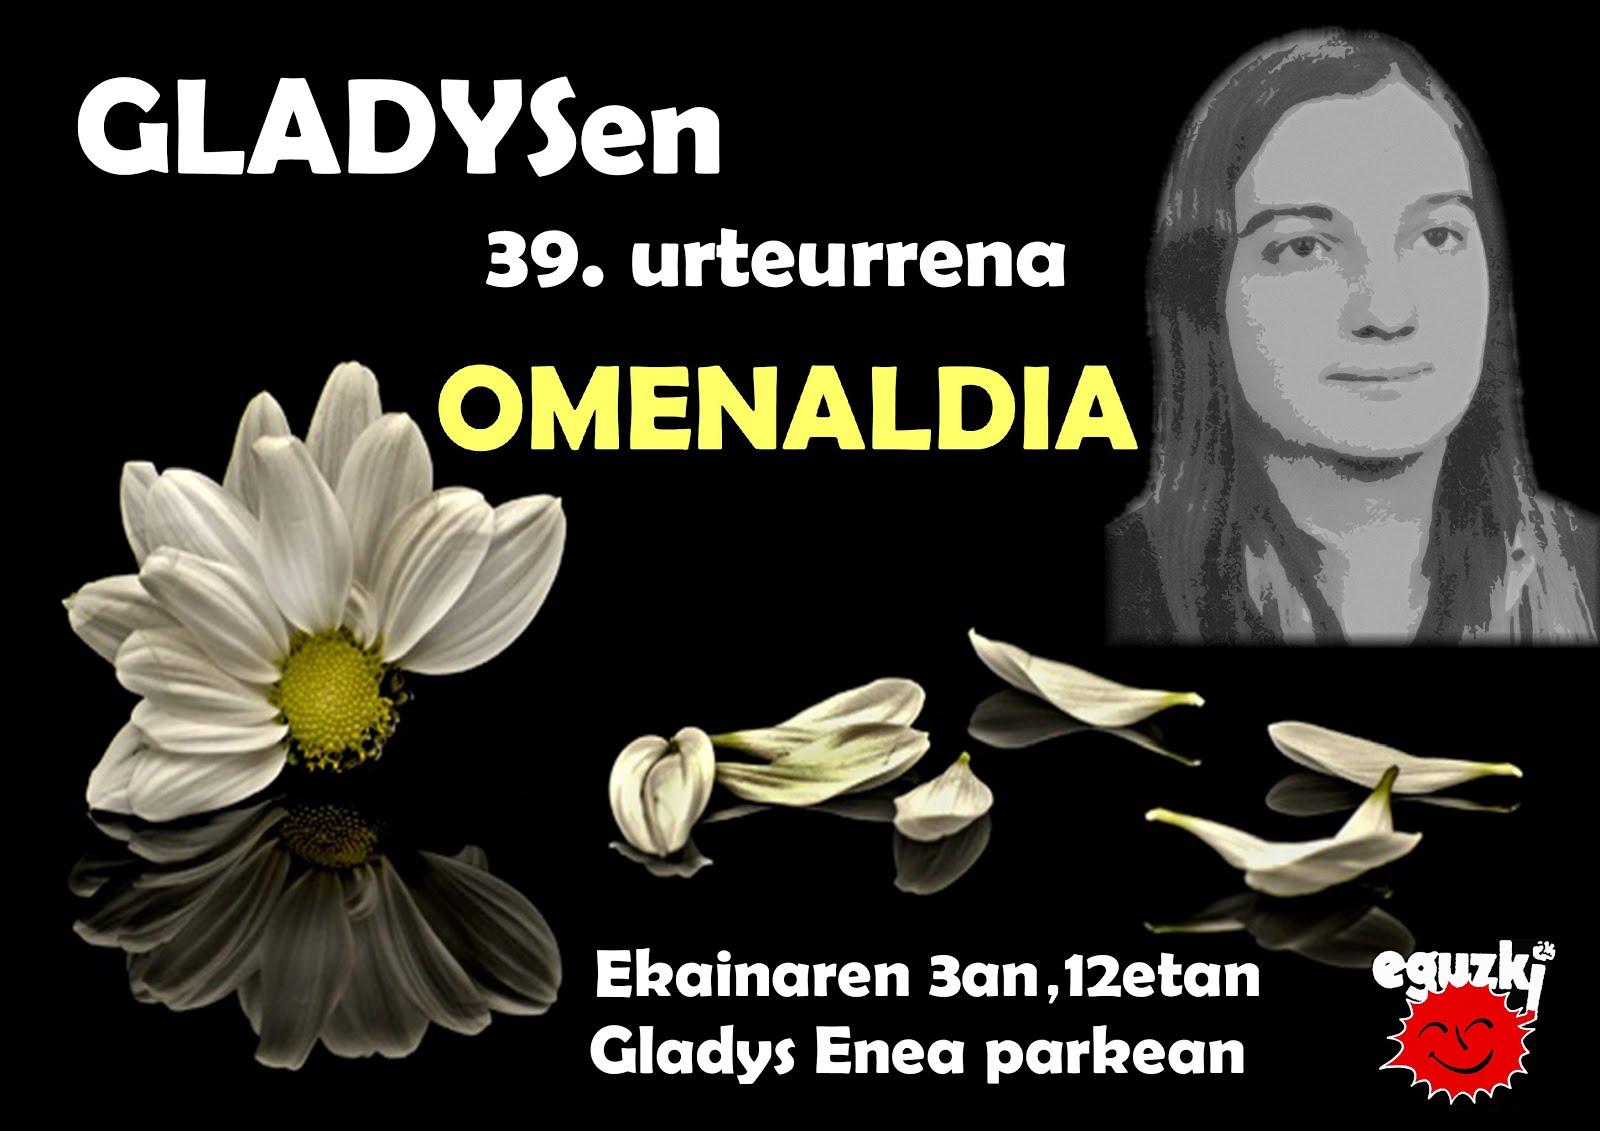 2018ko Gladysen omenaldiaren irudiak